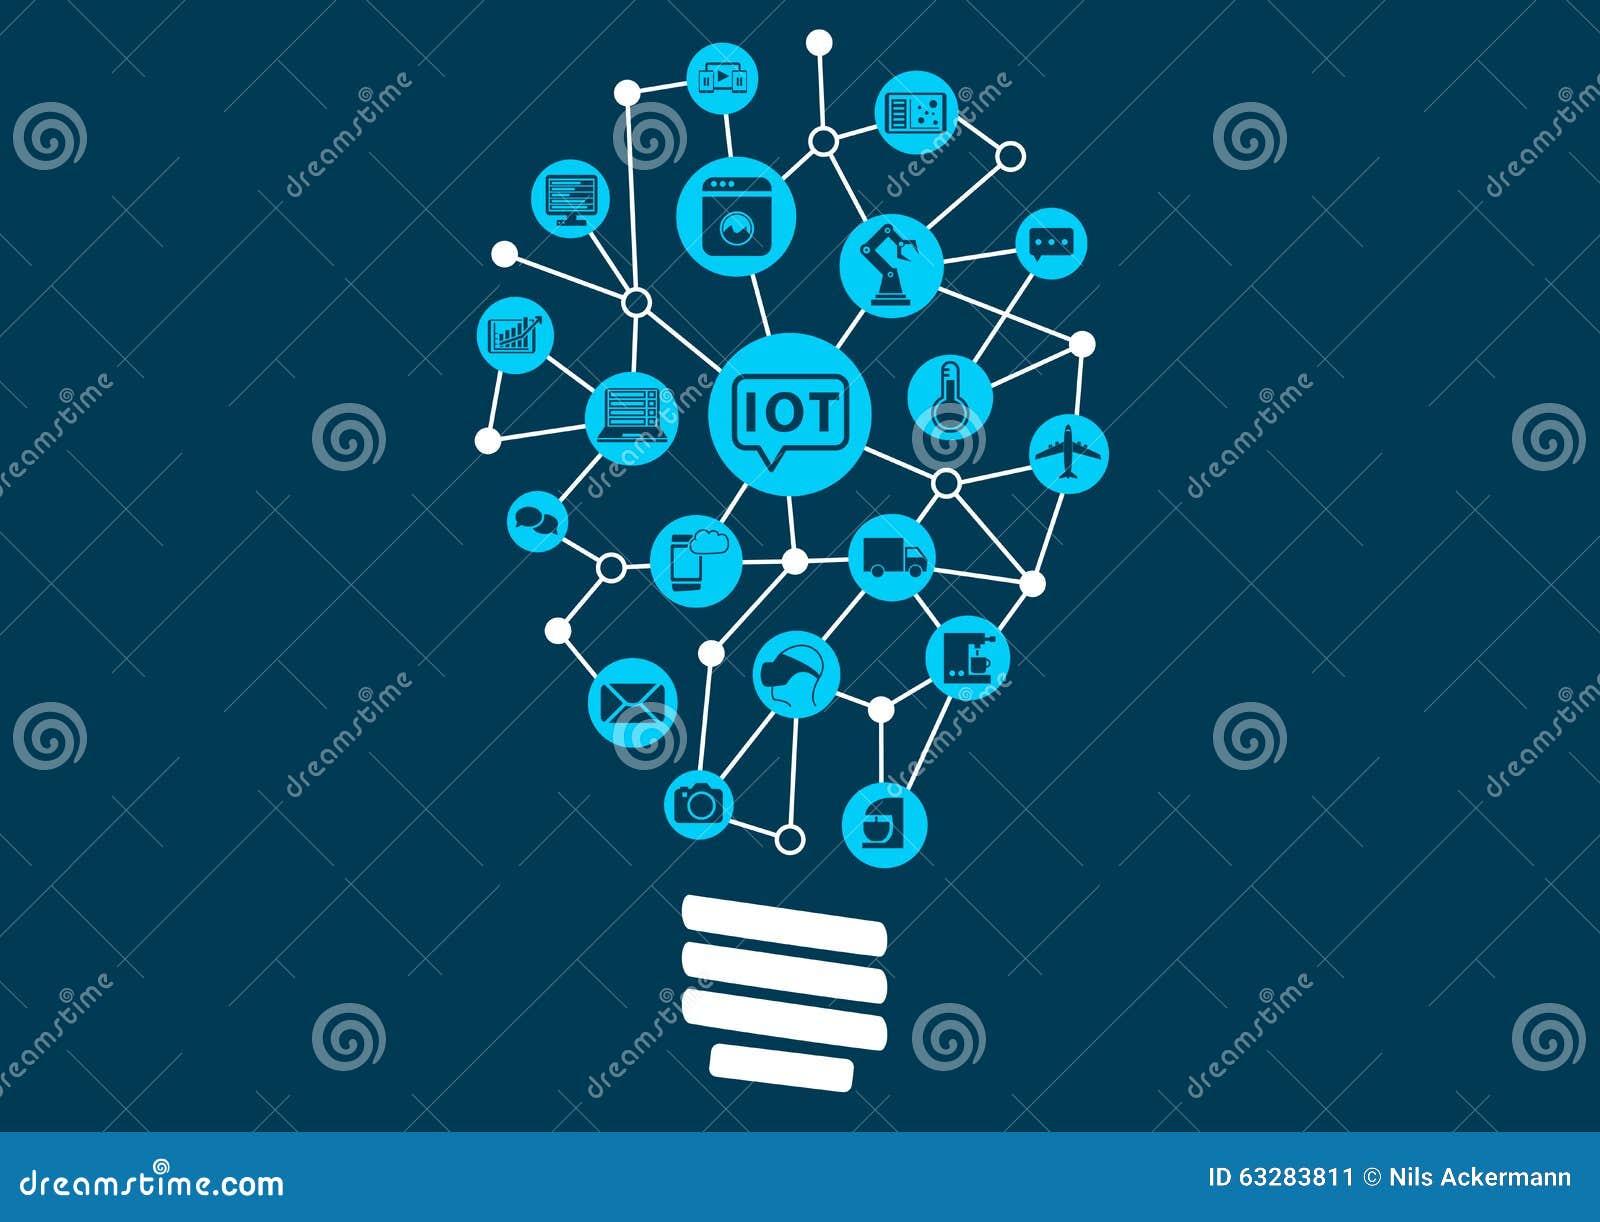 Revolución digital innovadora de Internet de las cosas para permitir los modelos comerciales perturbadores